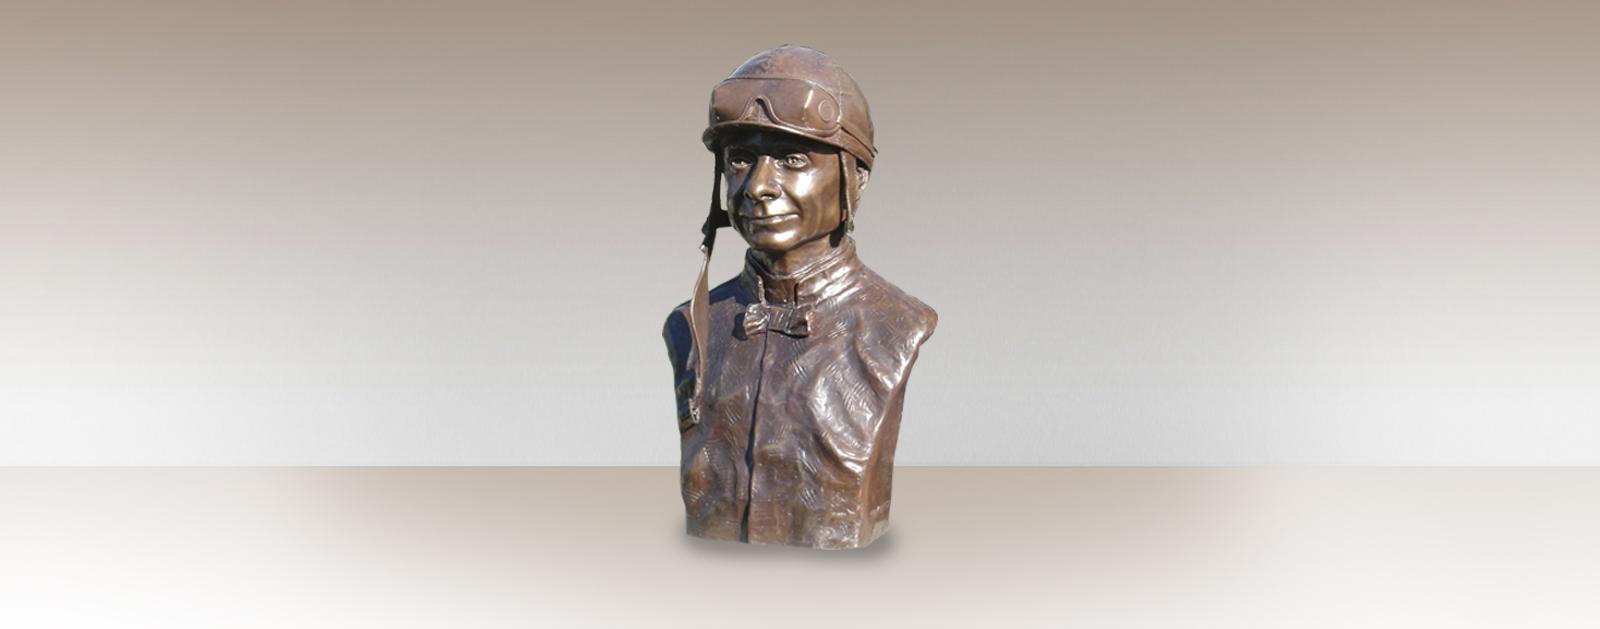 jockey-statue-bronze-sculpture-chris-mccarron